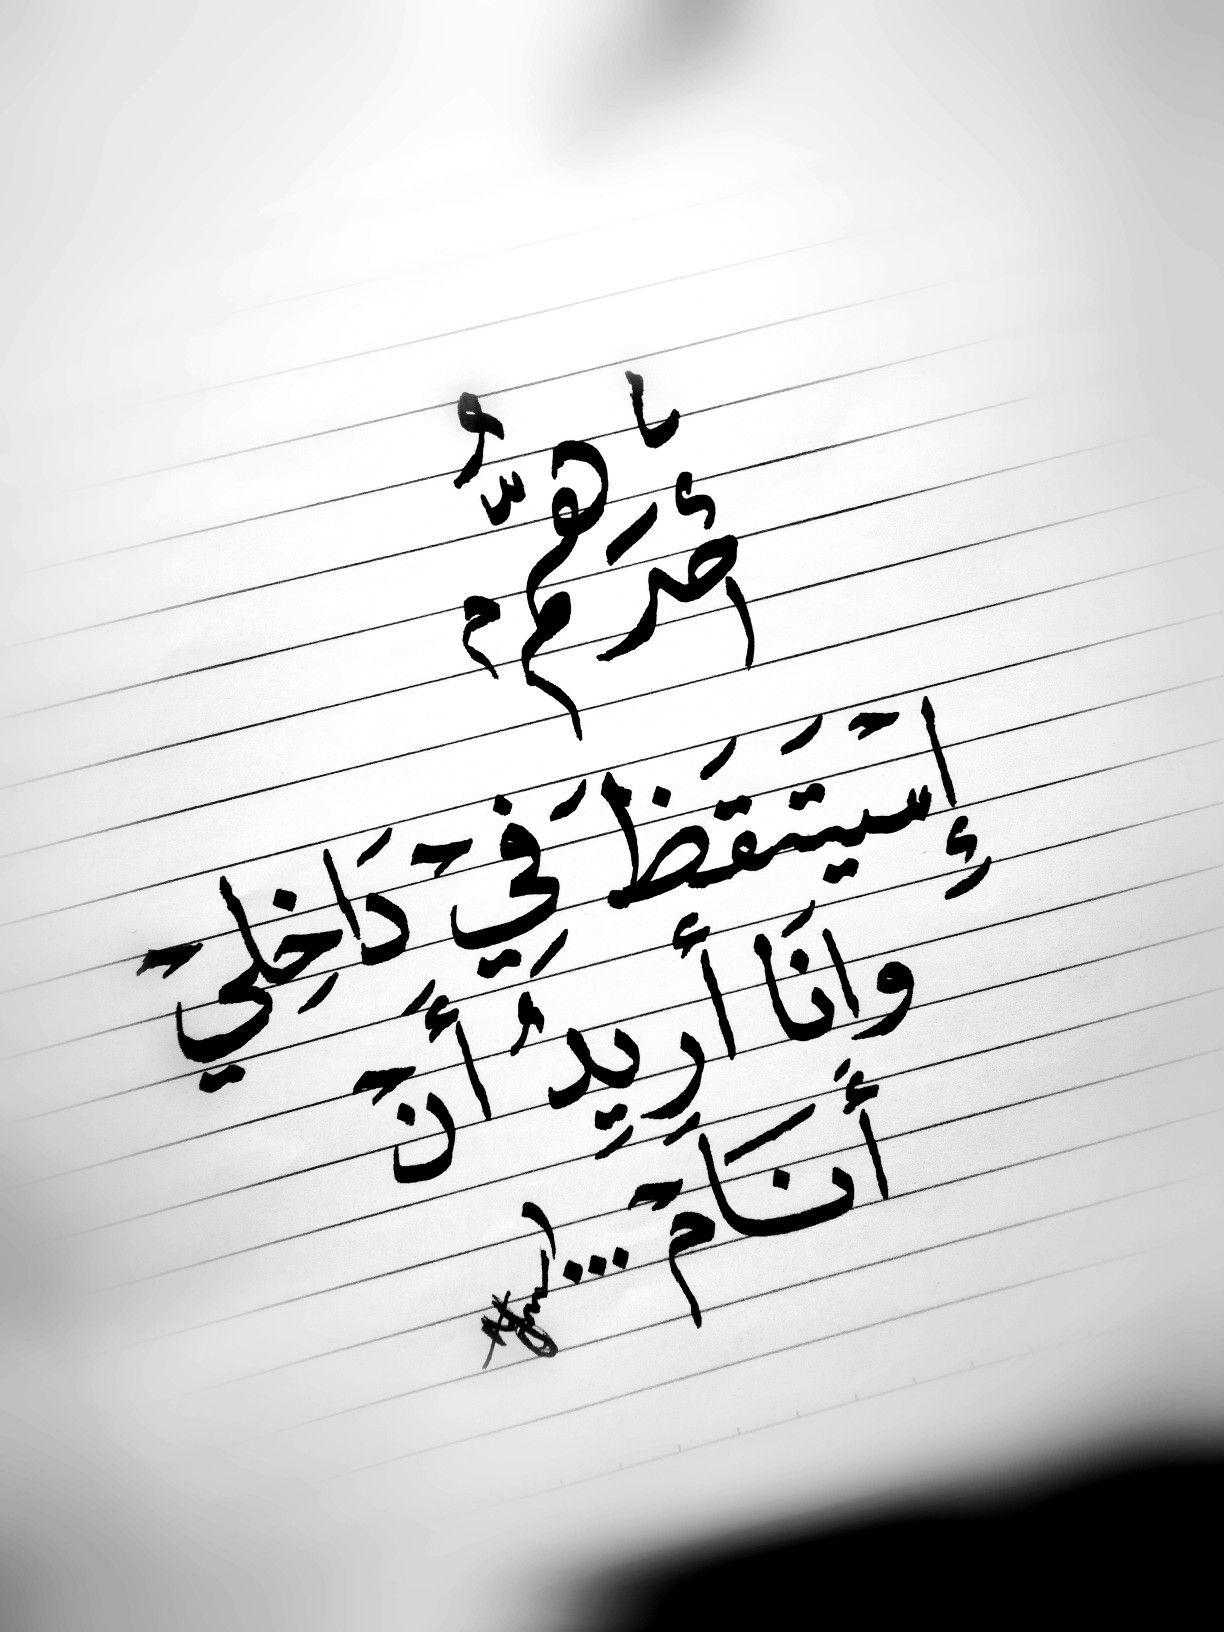 أحدهم استيقظ في قلبي وانا اريد ان انام Arabic Quotes Arabic Words Quotes